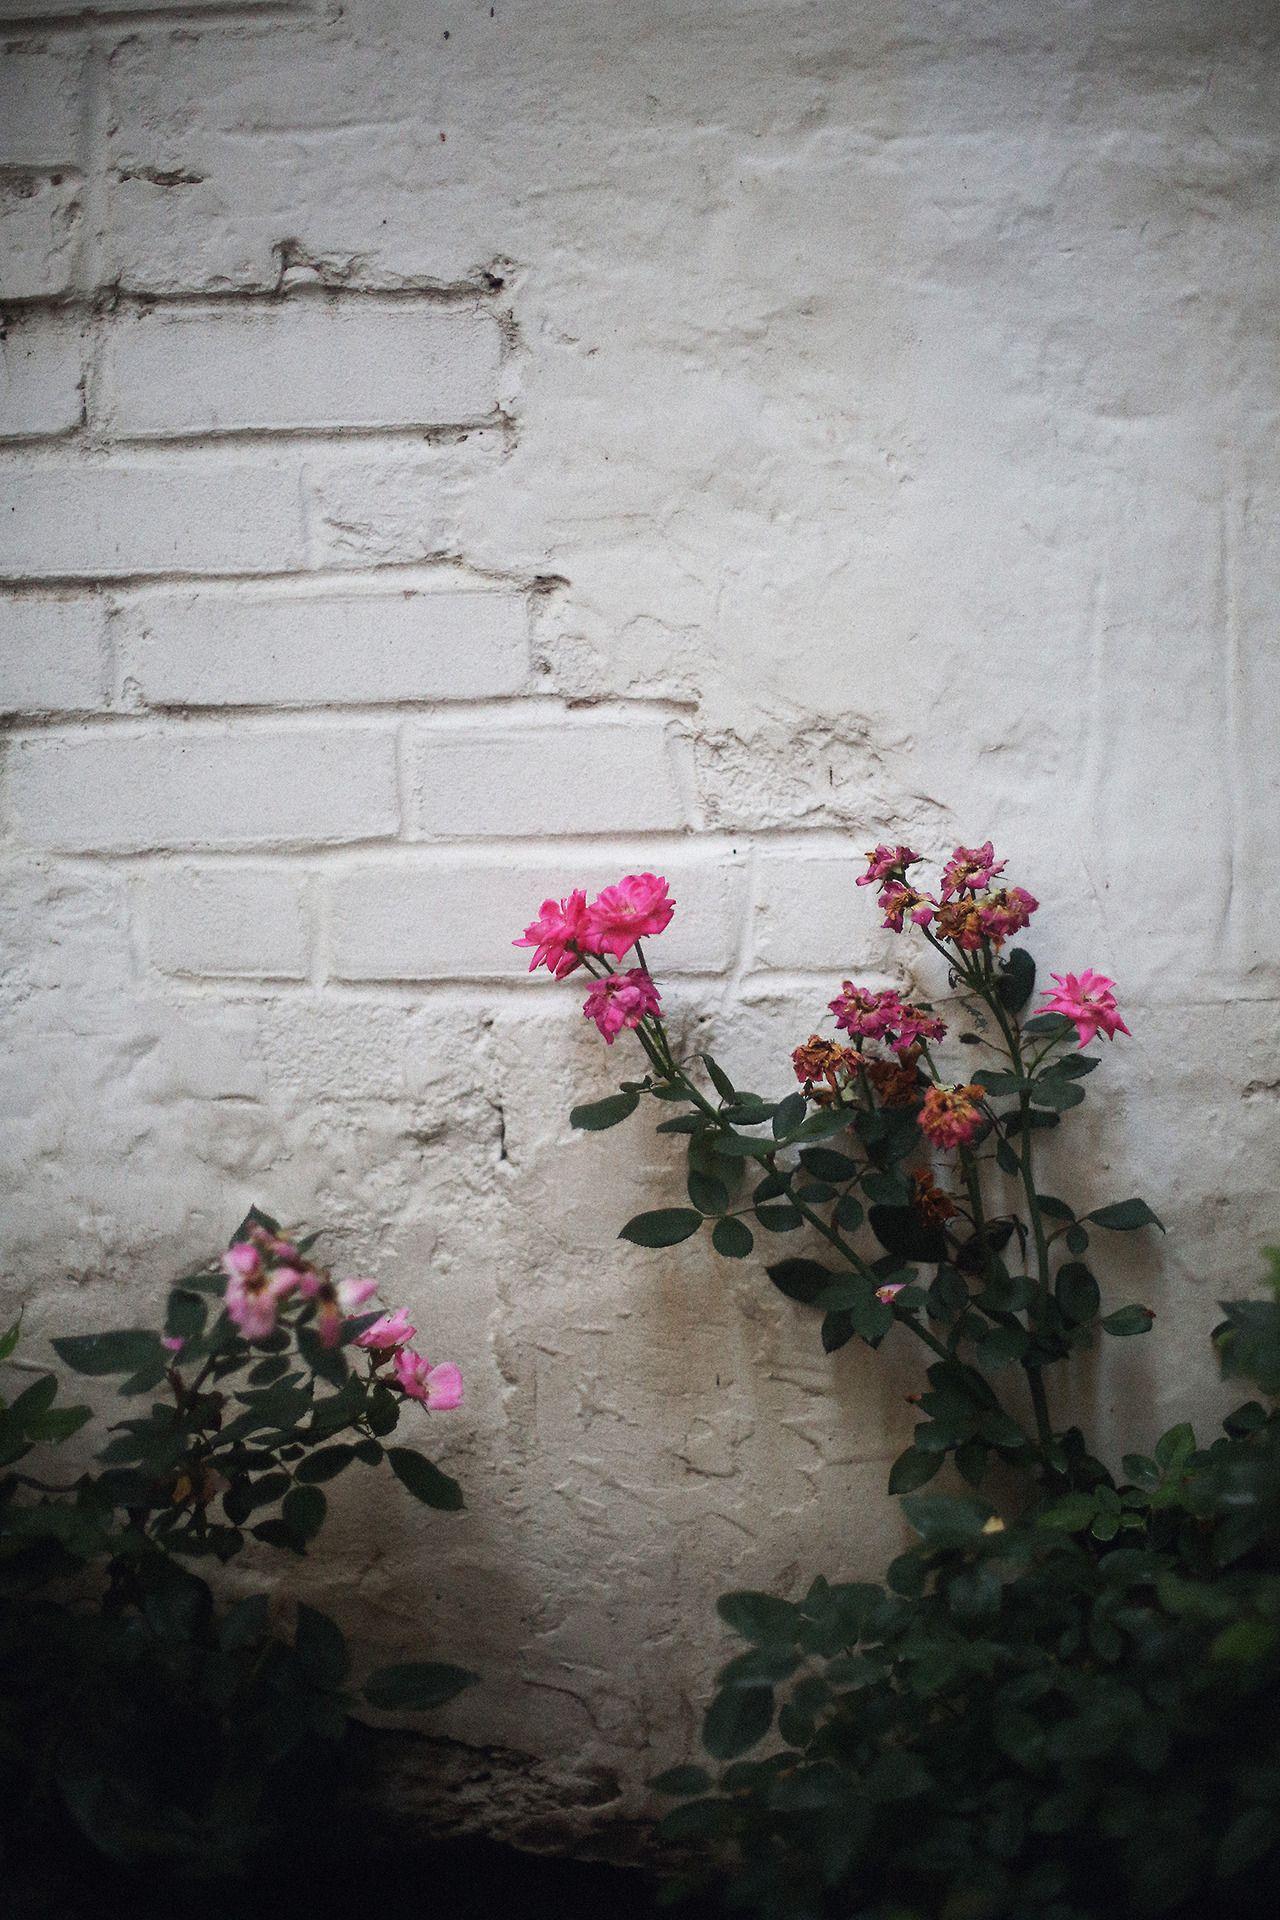 Http Hawaiiancoconut Tumblr Com Post 93787794221 Magenta Roses White Brick Wall Flowers Photography Wallpaper White Brick Walls Flower Wallpaper